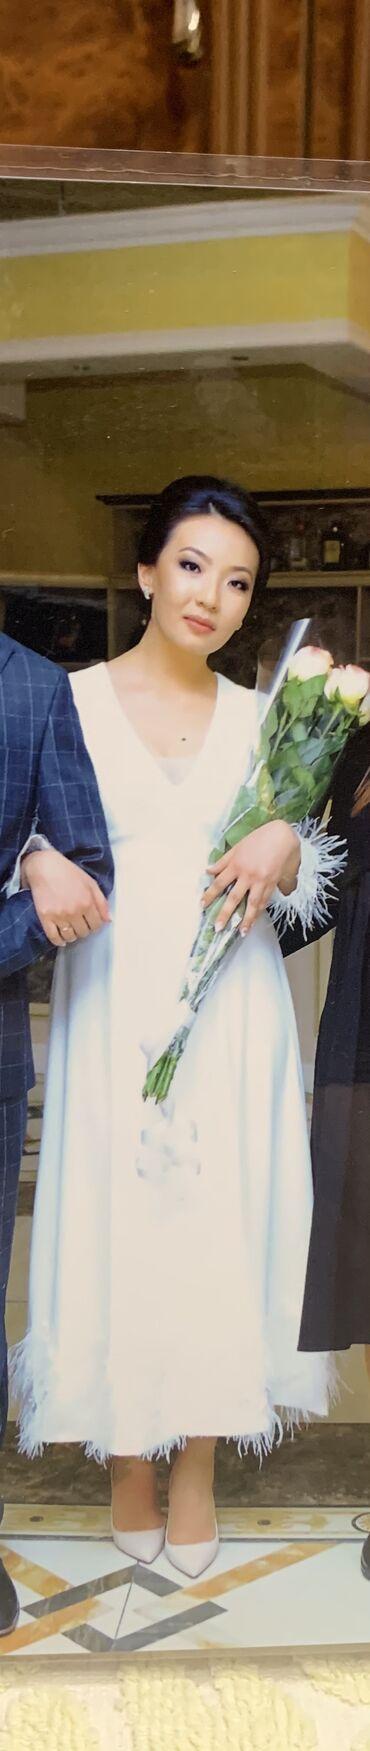 Продаю шикарное платье в цвете слоновой кости от Cristian Dior. Одевал